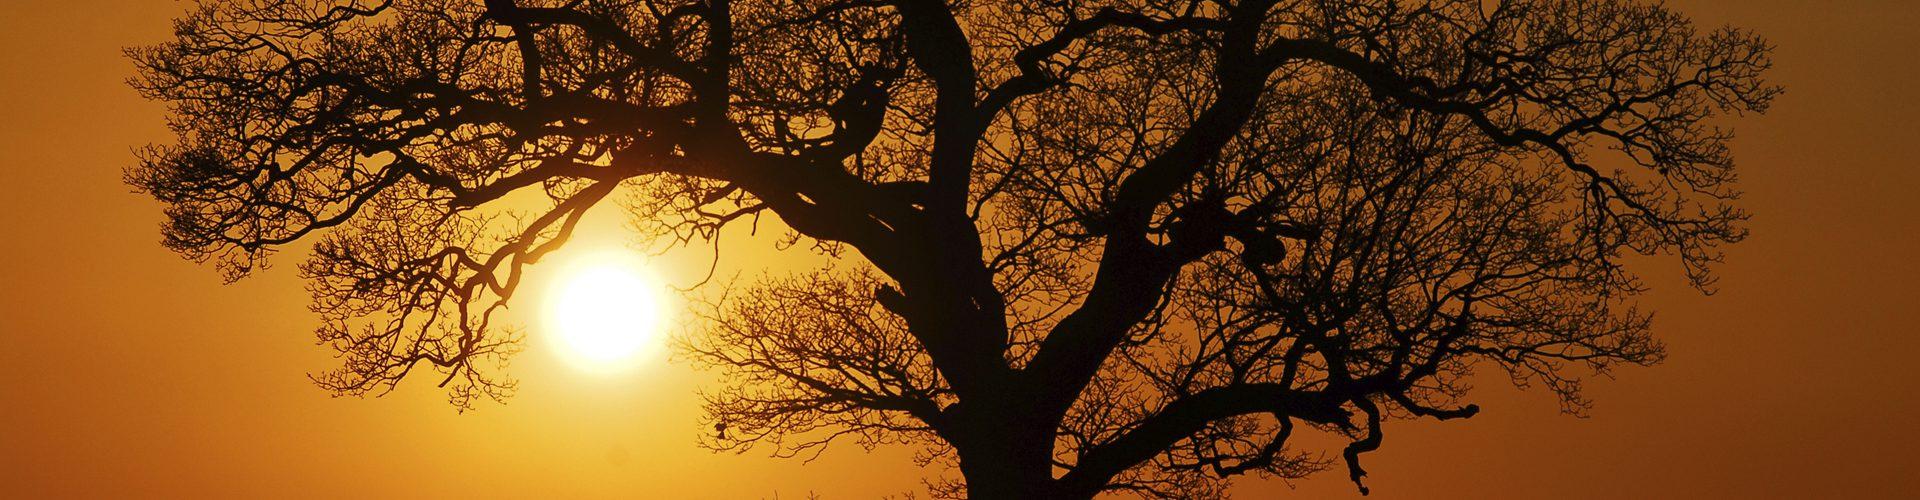 arbre-champetre